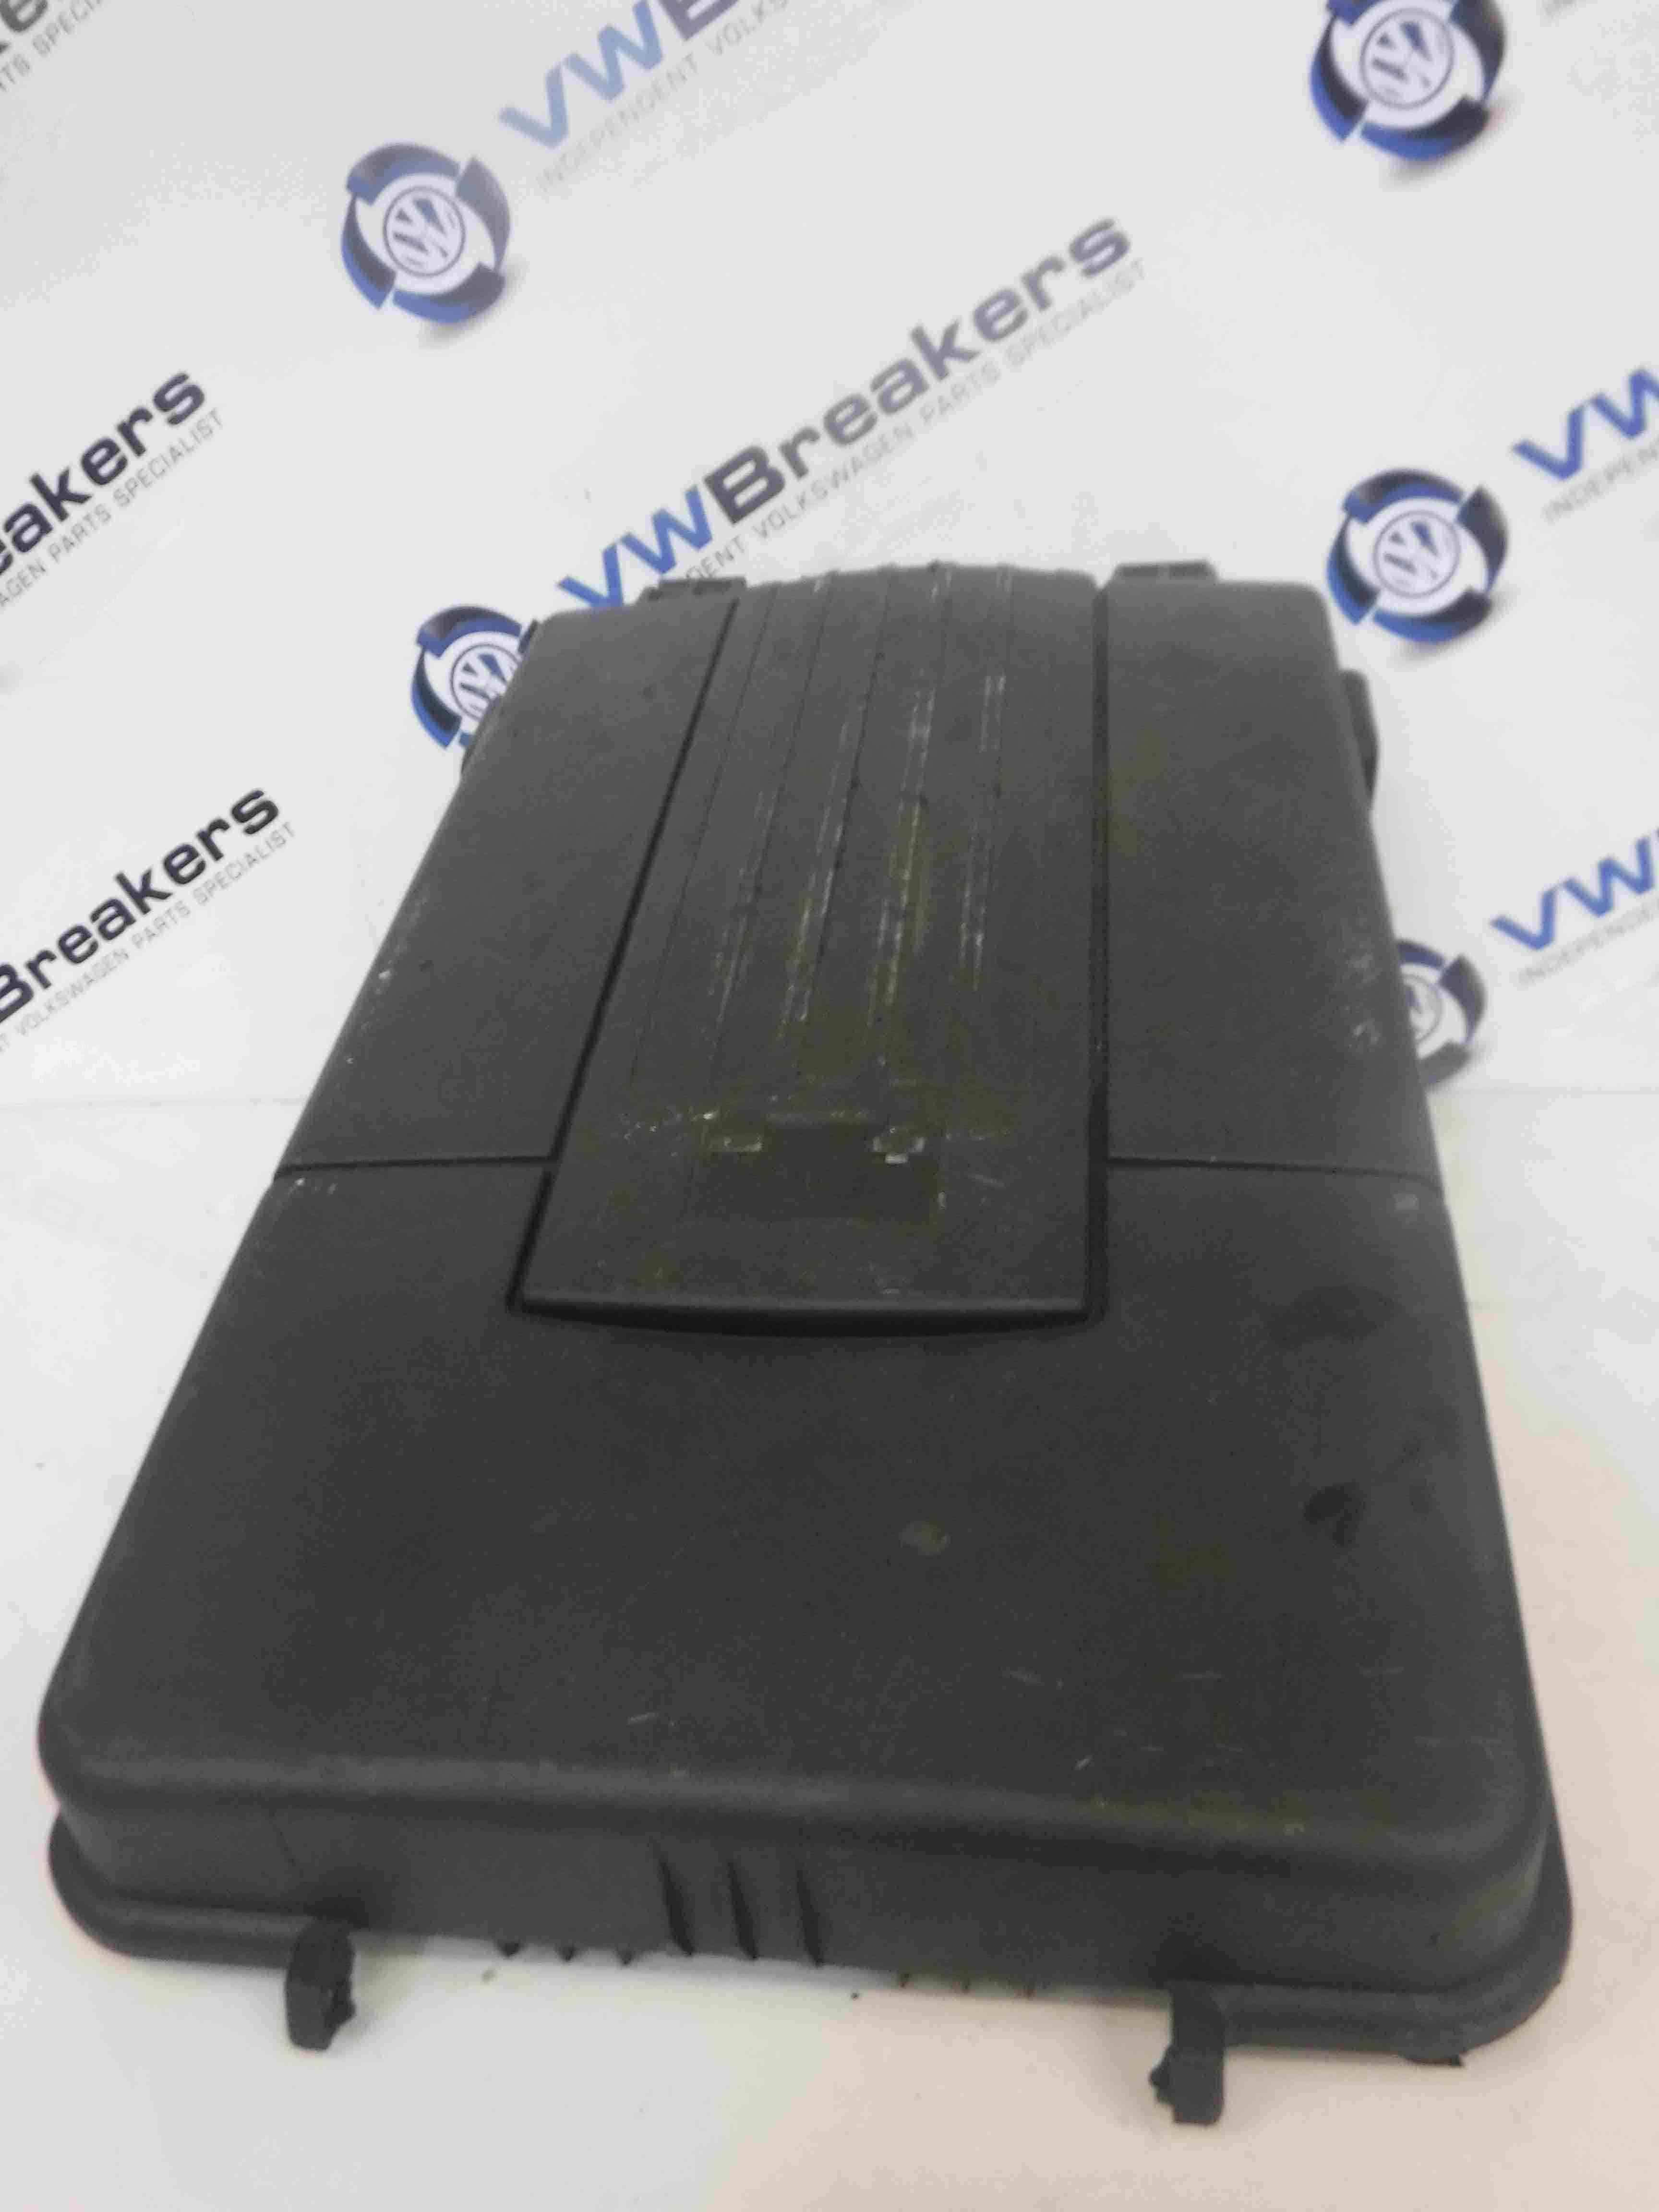 Volkswagen Golf MK5 2003-2009 Battery Cover Case Lid 1K0915443C 1k0915443a